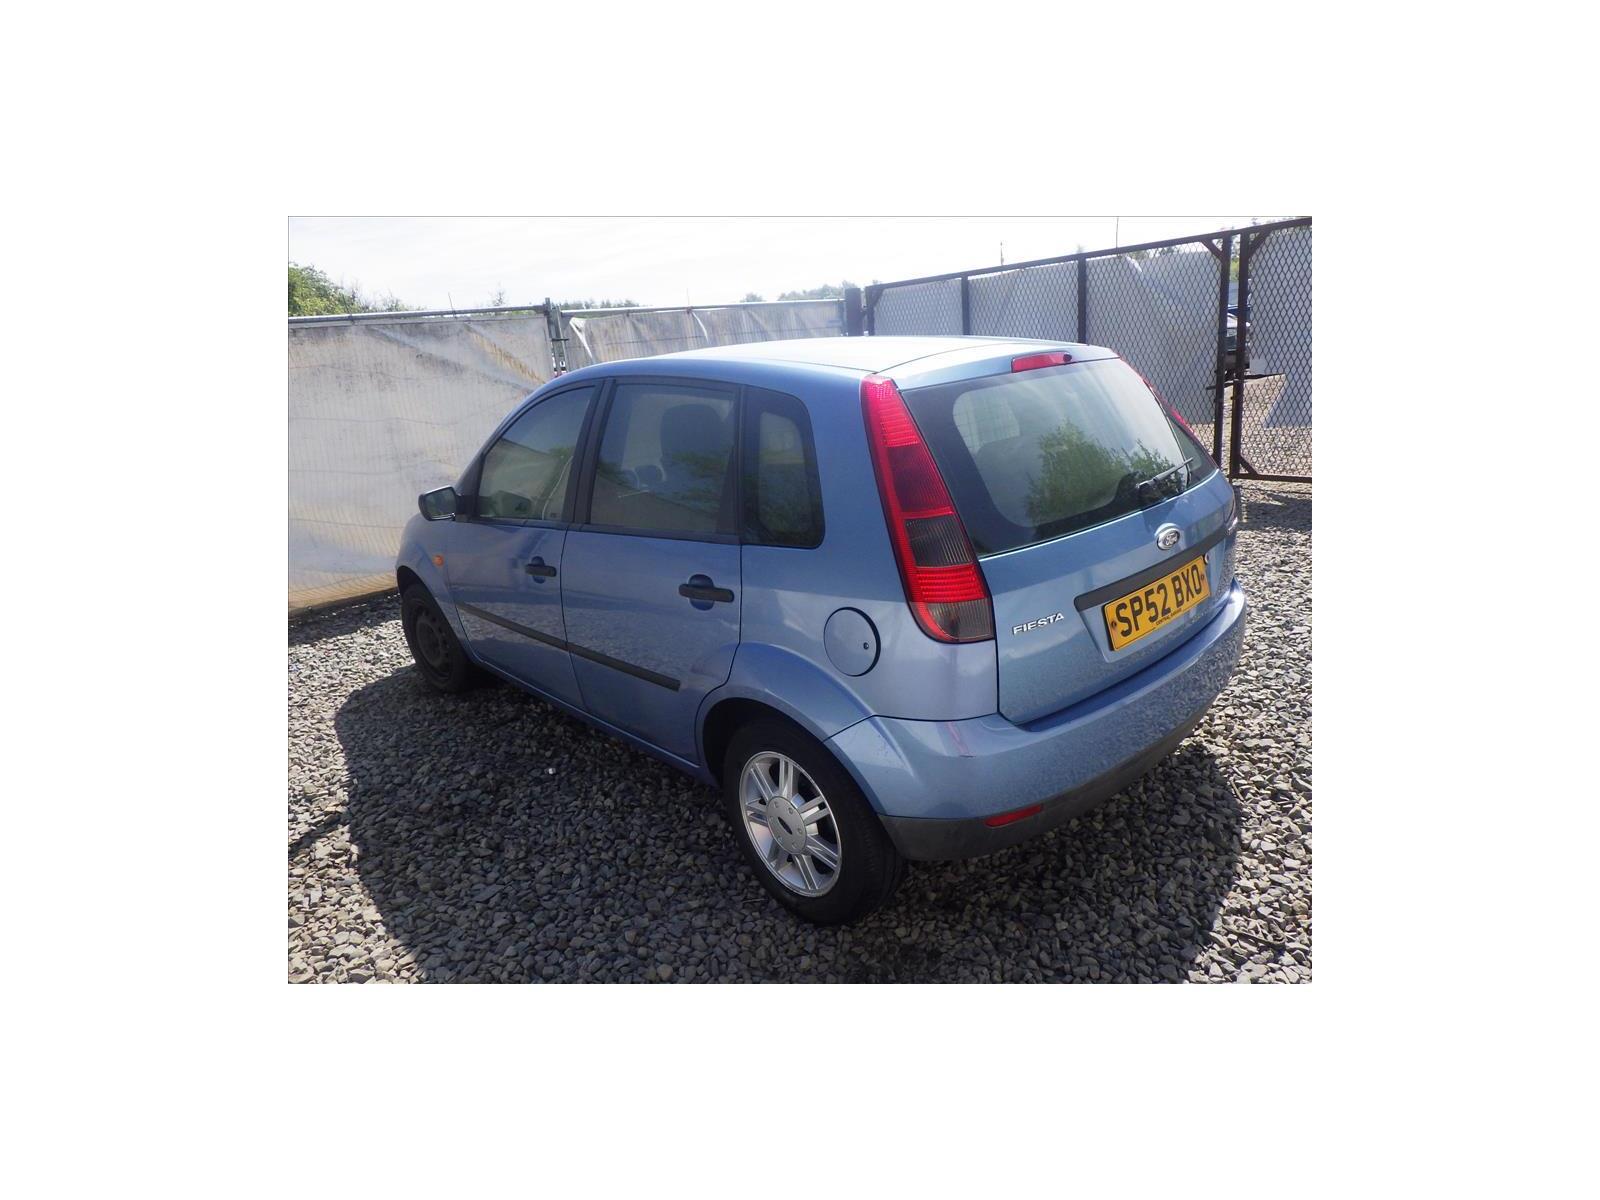 ... Ford Fiesta 2002 To 2008 5 Door Hatchback ...